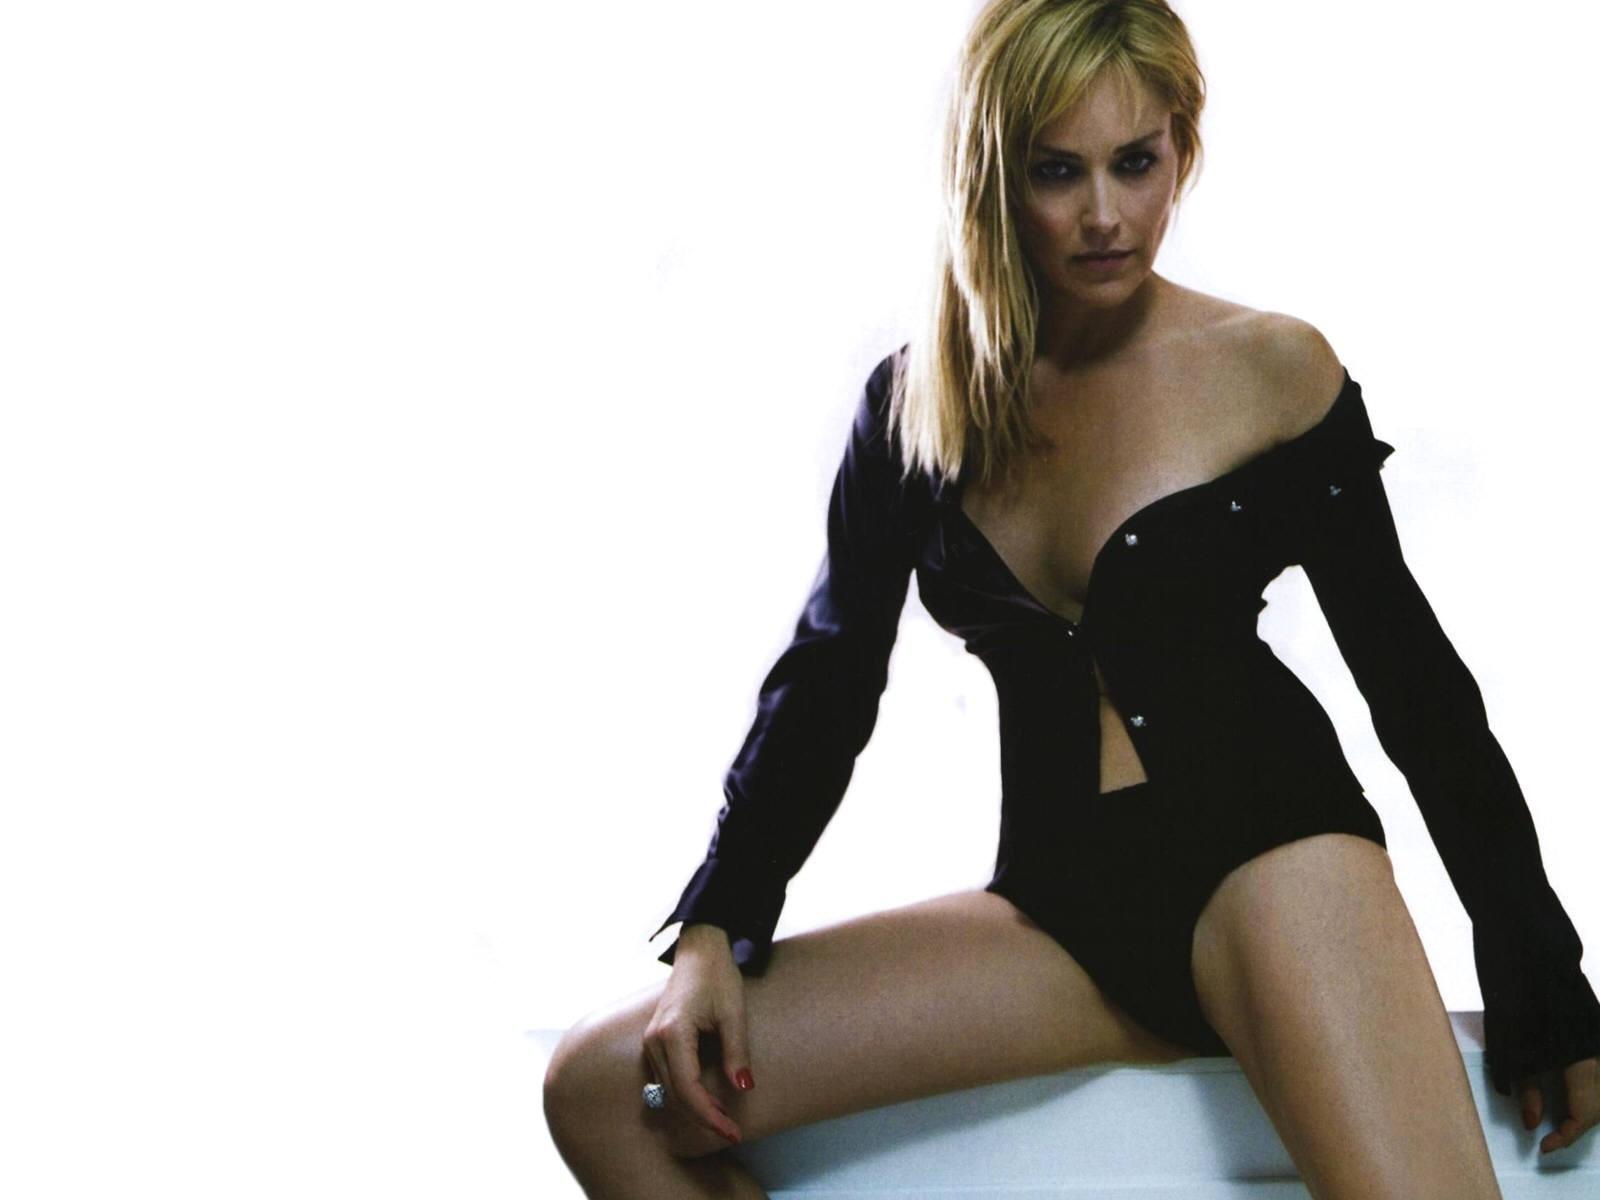 Wallpaper di Sharon Stone, icona sexy del cinema USA